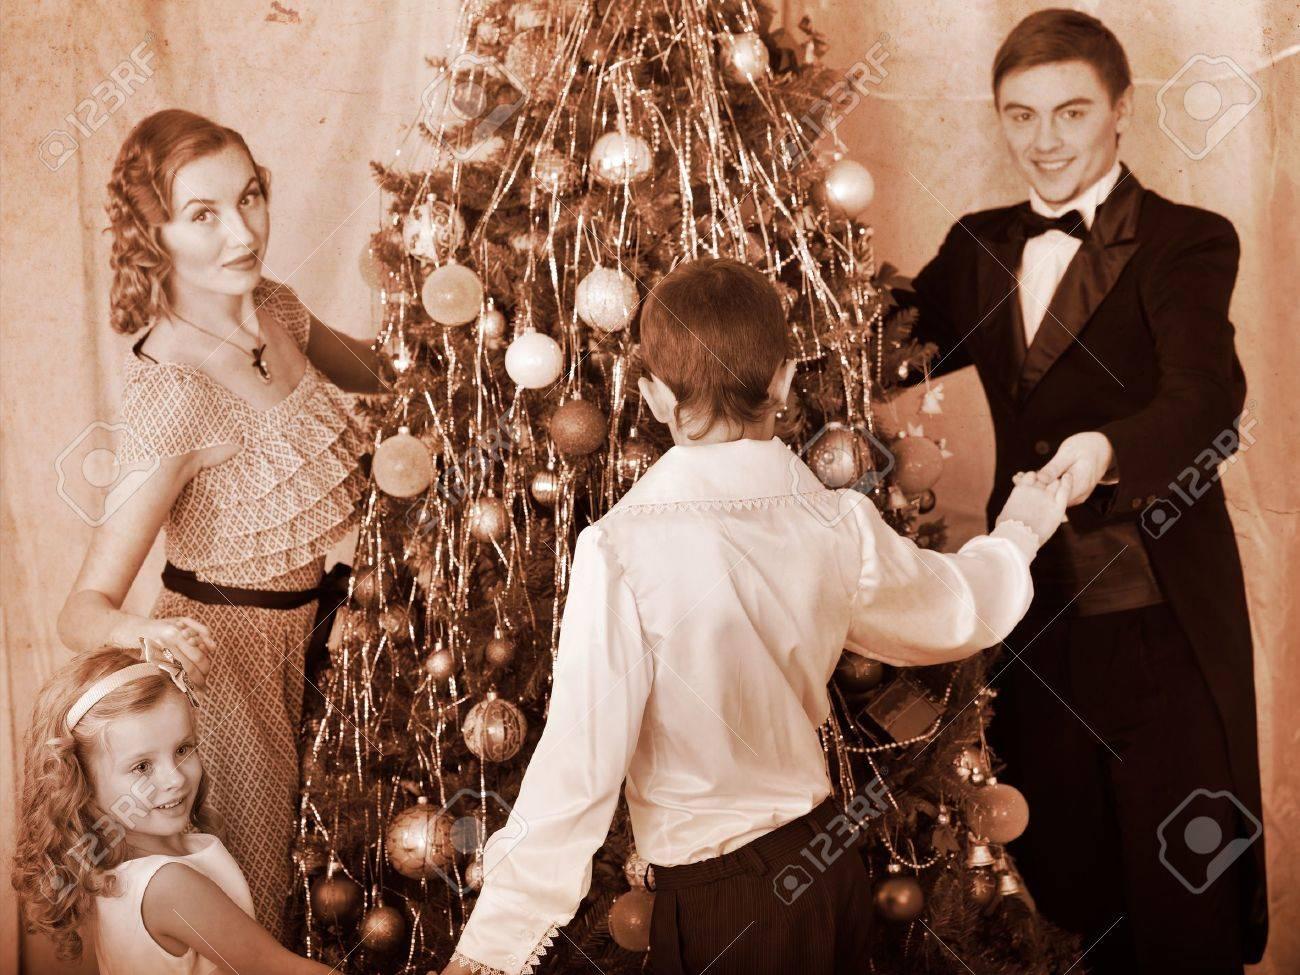 Immagini Natale In Bianco E Nero.Immagini Stock Famiglia Felice Con I Bambini Tutto L Albero Di Ballo Di Natale In Bianco E Nero Retro Image 16610274